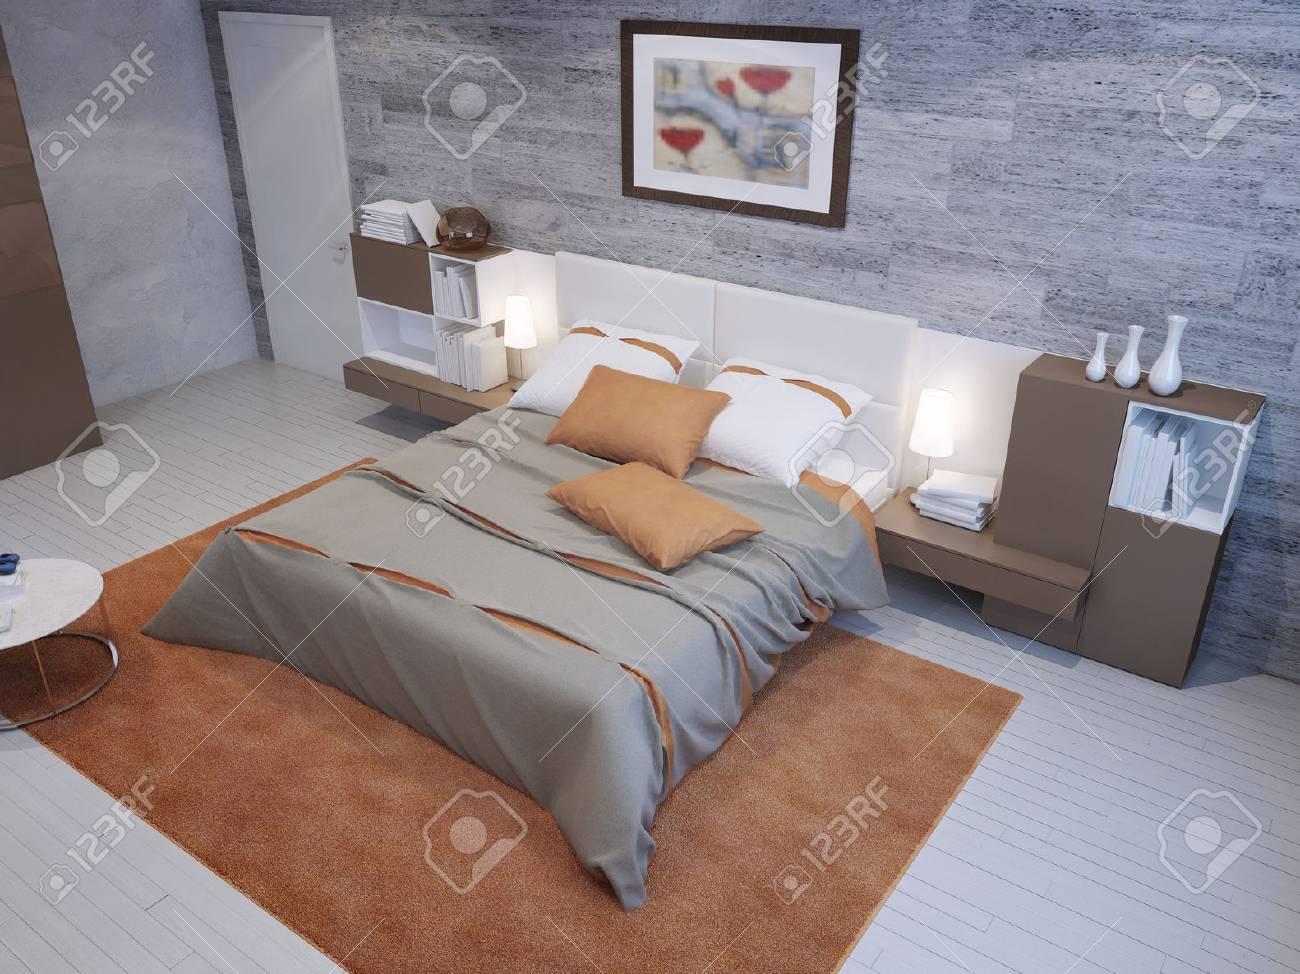 Chambre spacieuse dans des couleurs grises et orange avec du papier peint  de maçonnerie et de meubles de taupe. 3D render